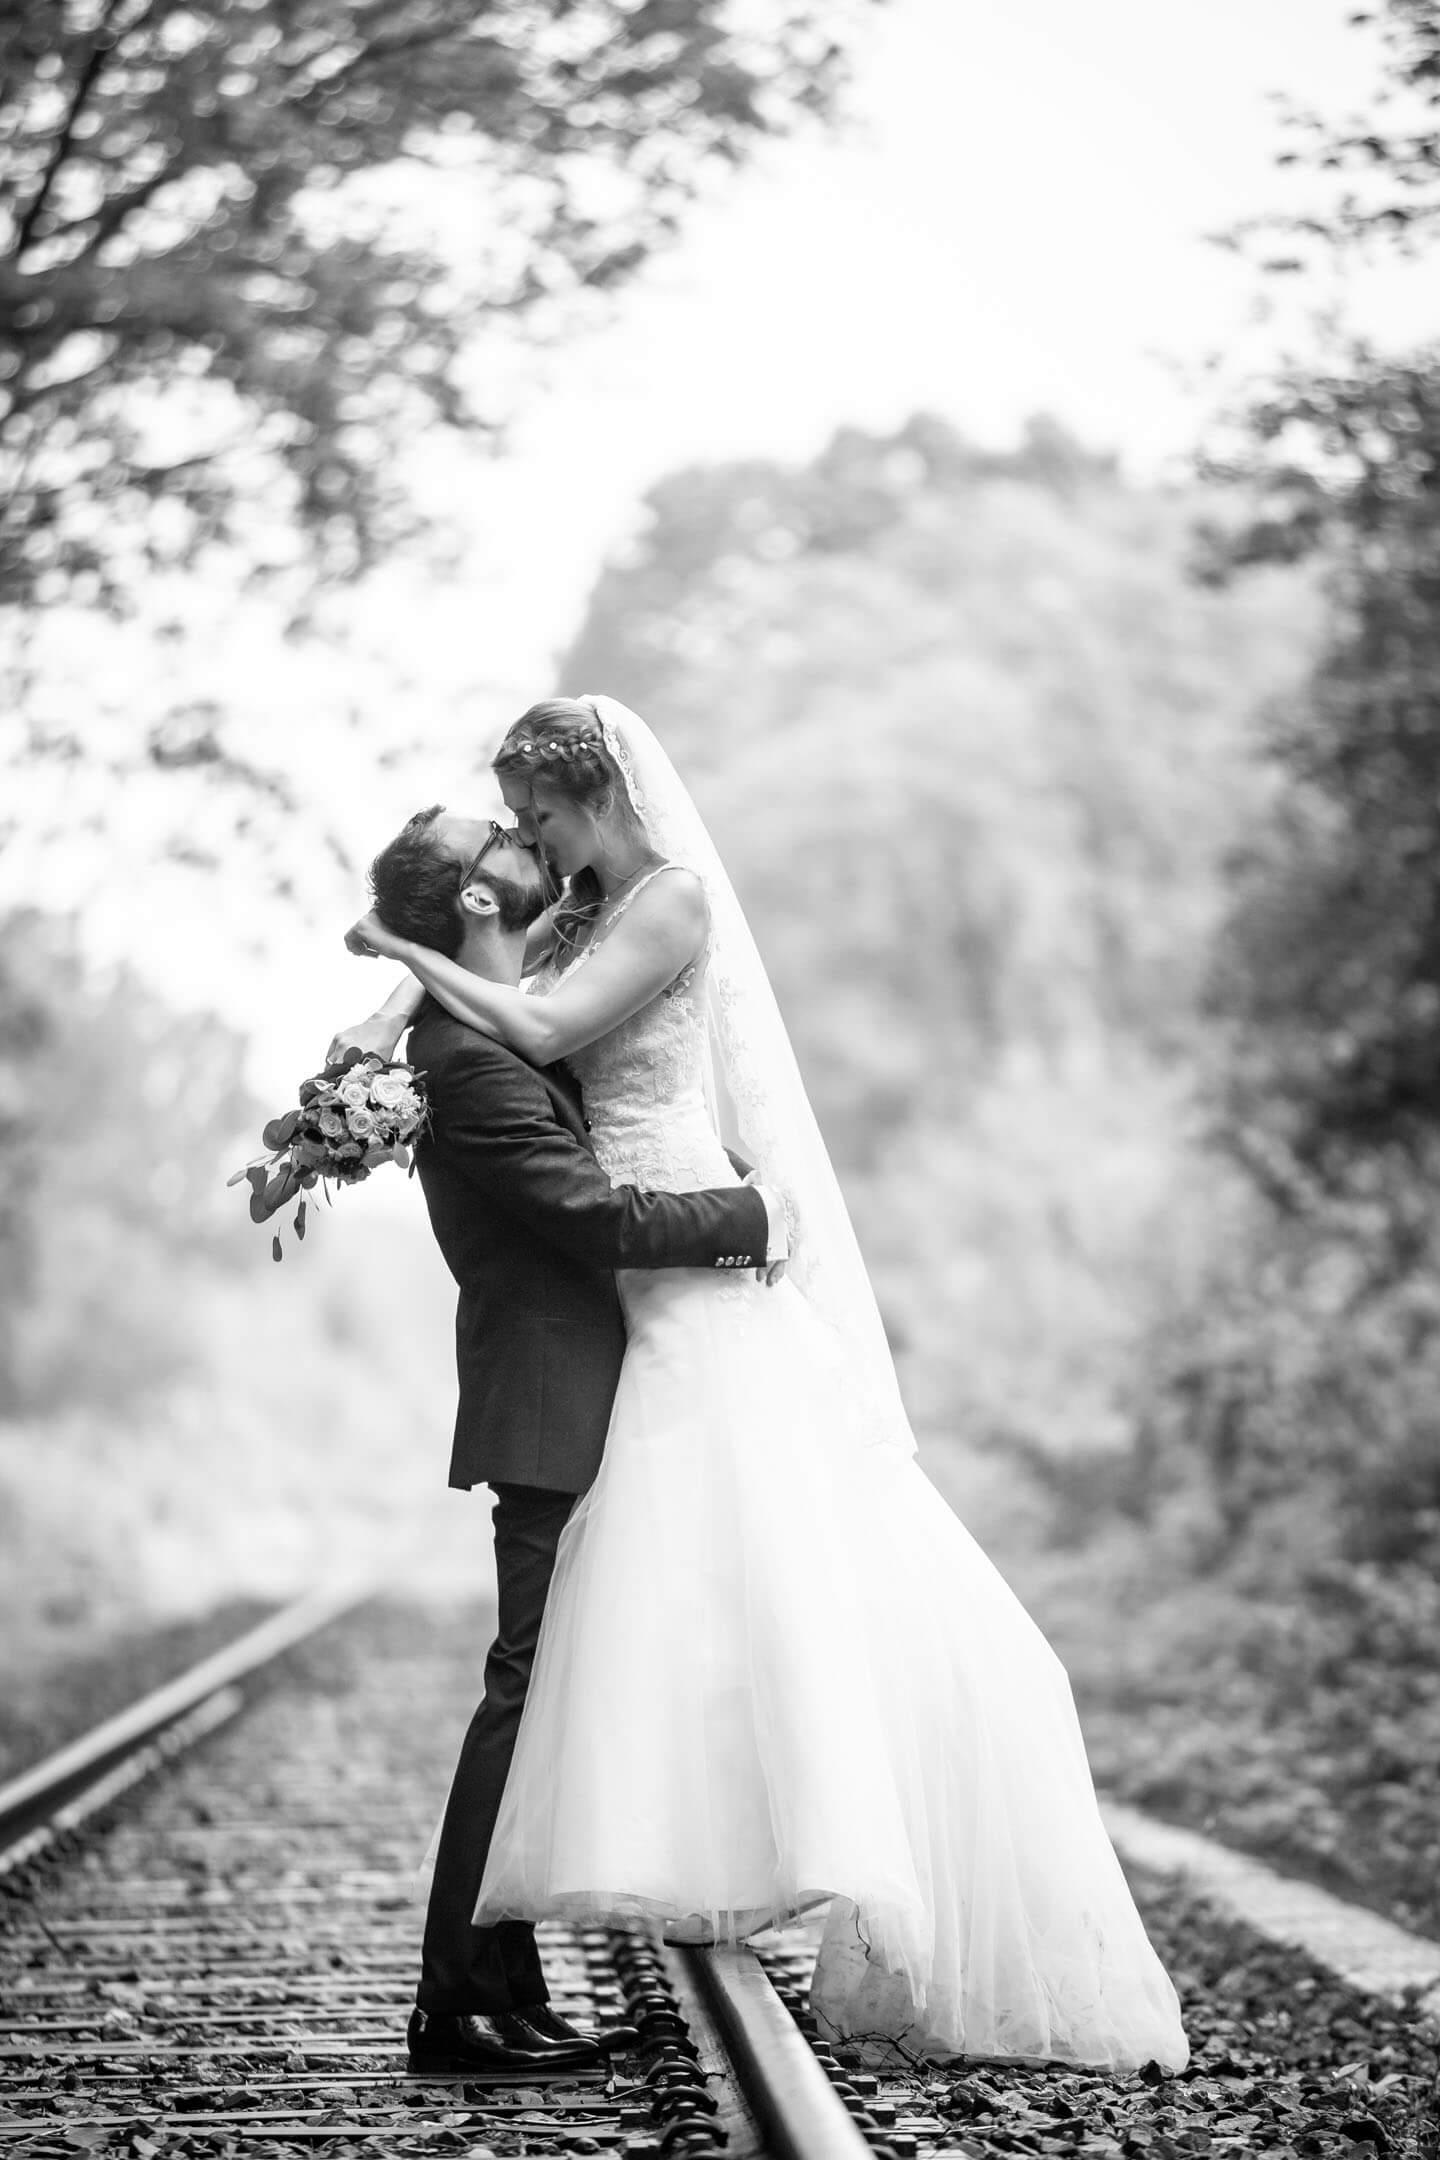 Hochzeitsfoto in Schwarzweiß